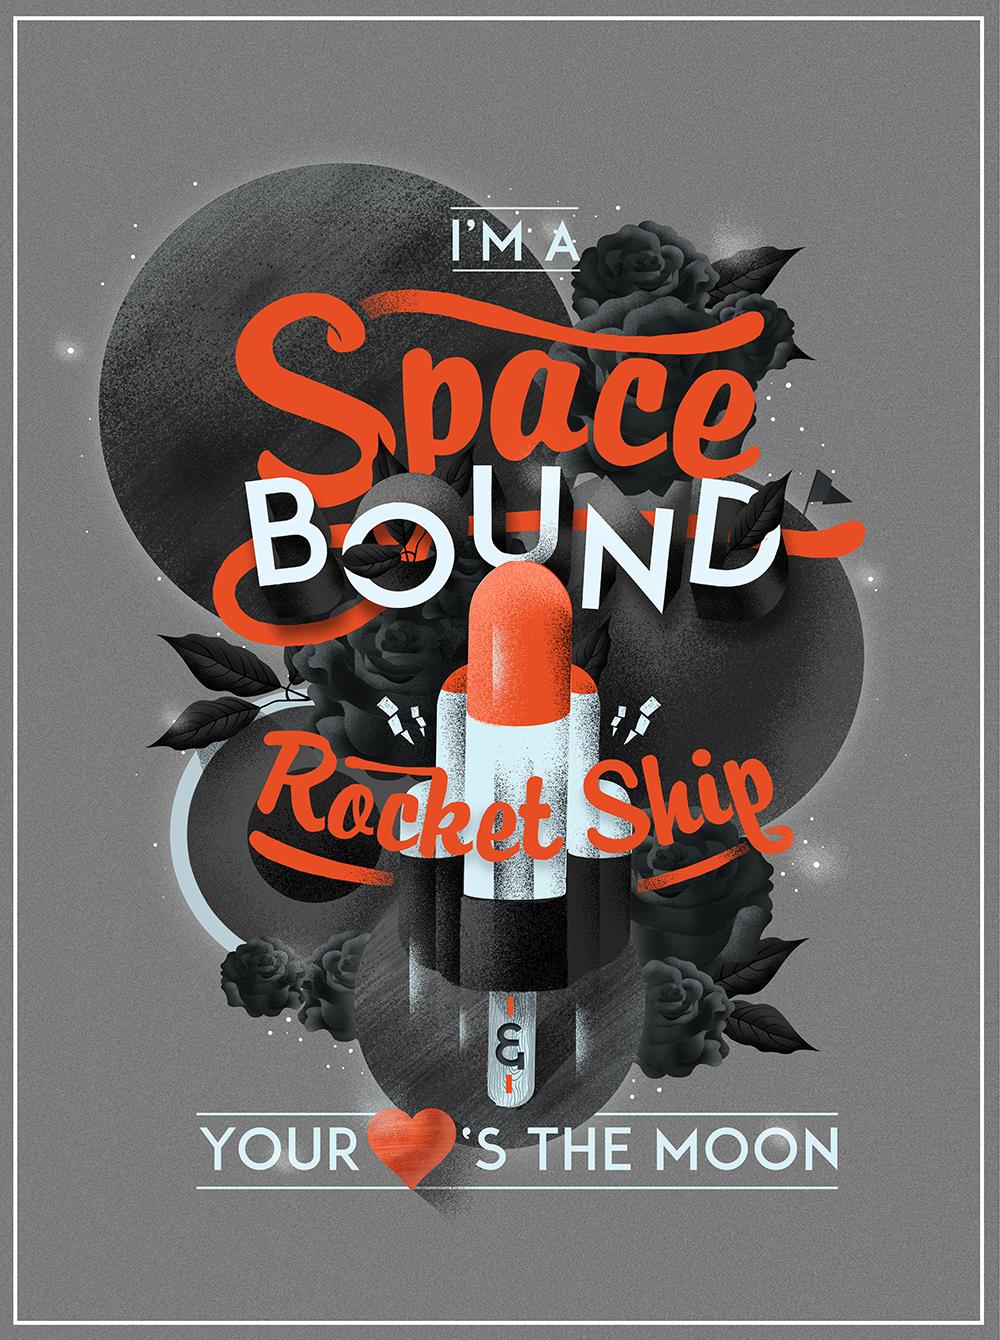 Spacebound poster